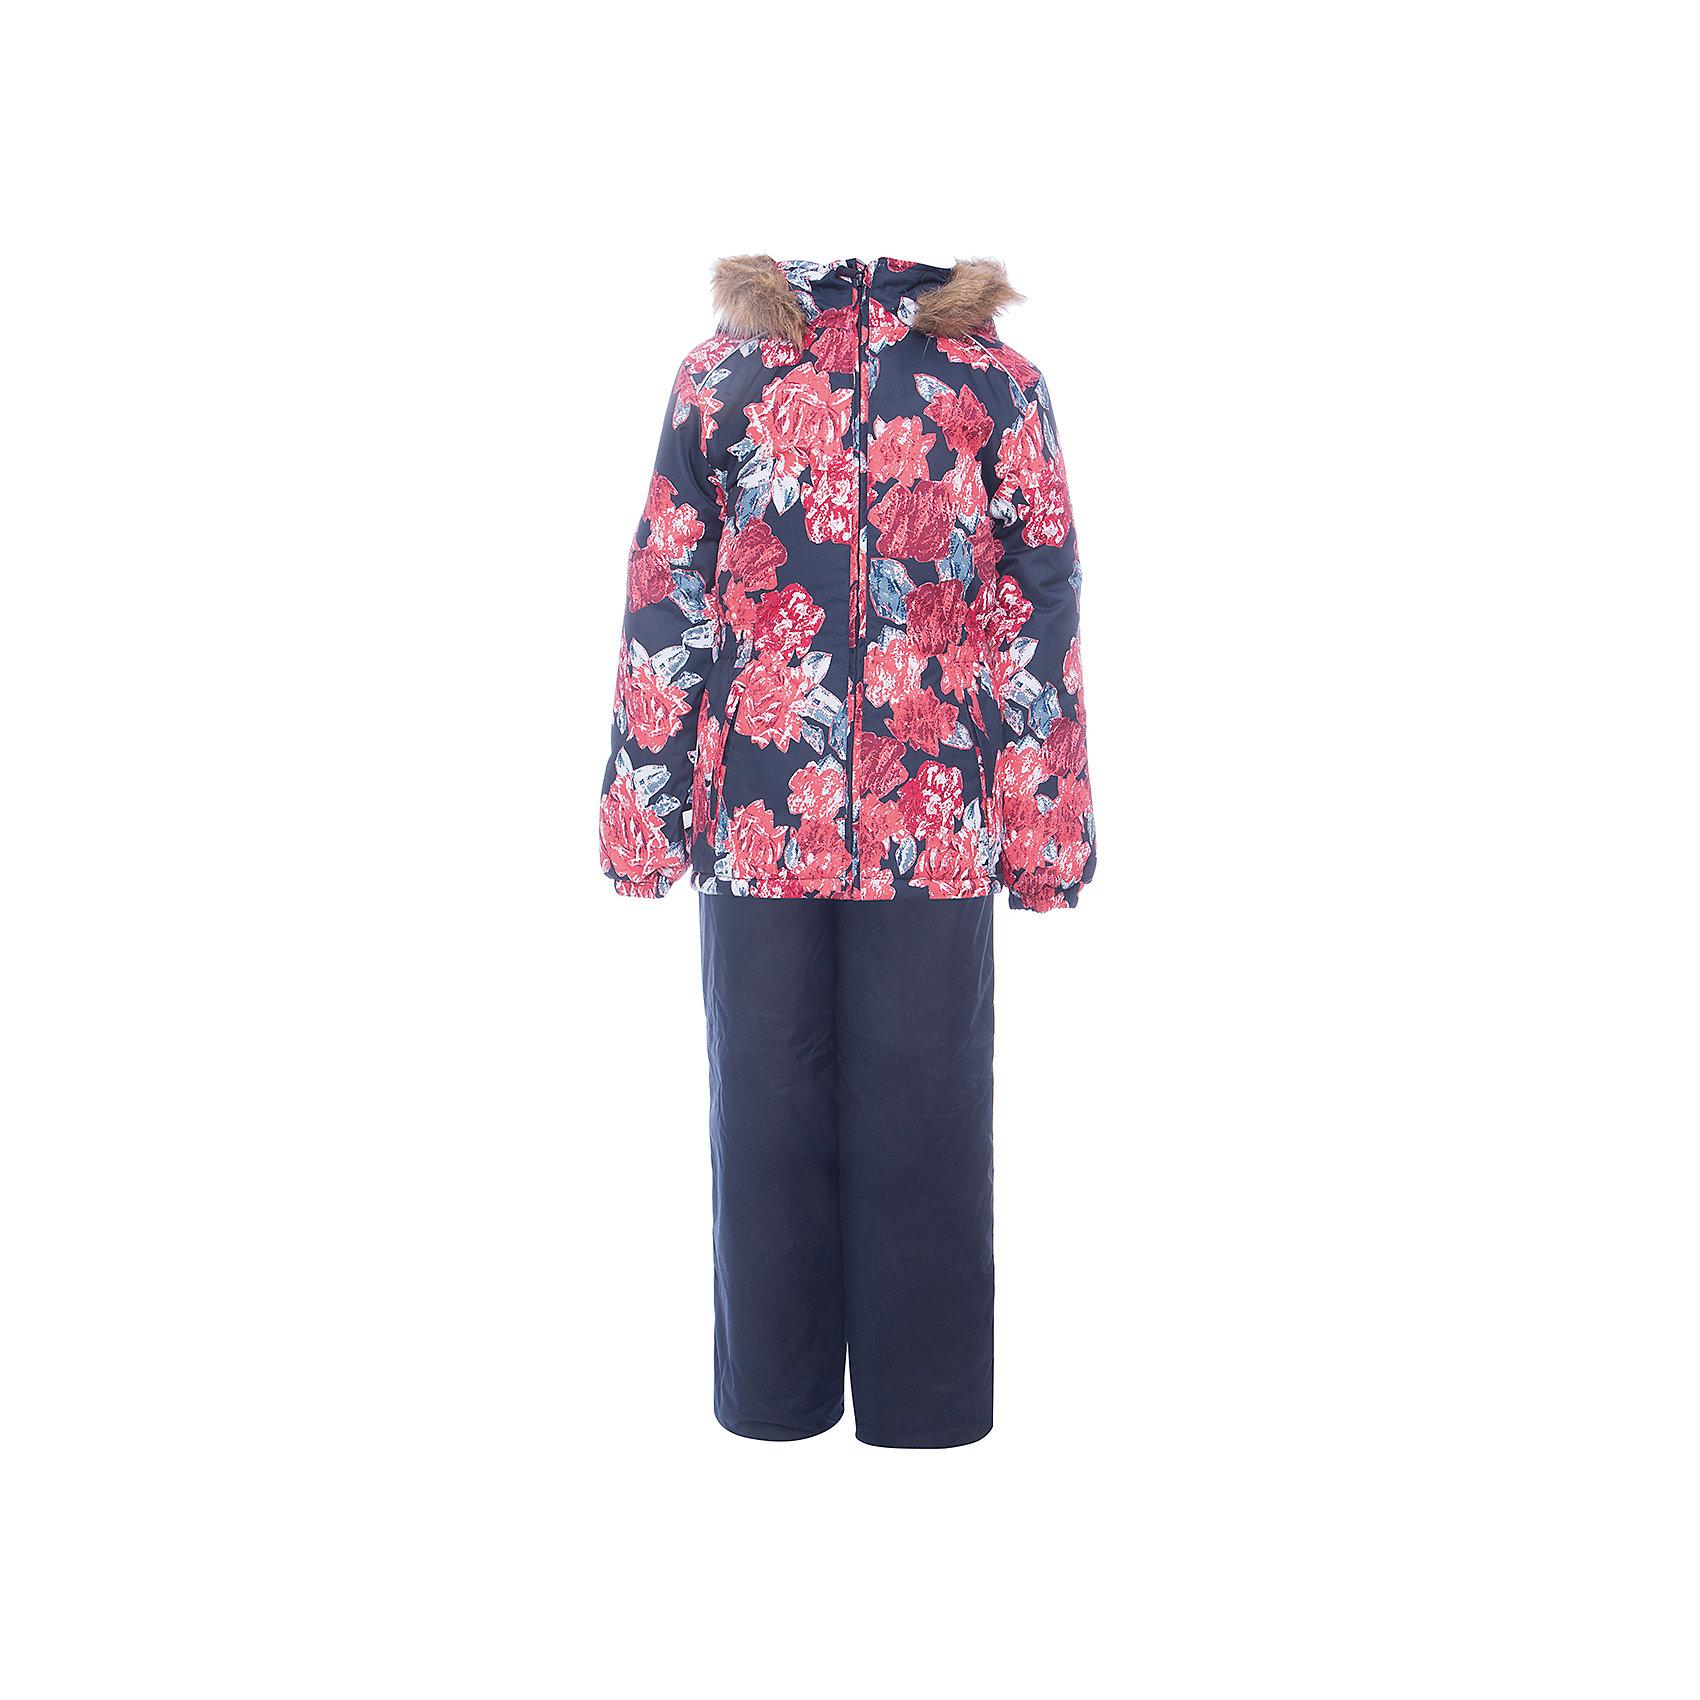 Комплект: куртка и брюки WONDER Huppa для девочкиВерхняя одежда<br>Комплект для девочек WONDER.Водо и воздухонепроницаемость  10 000.Утеплитель 300 гр куртка/160 гр брюки.Подкладка тафта, флис 100% полиэстер.Отстегивающийся капюшон с мехом.Манжеты рукавов на резинке.Регулируемые низы.Внутренняя снегозащита брюк.Швы проклеены.Резиновые подтяжки.Имеются светоотражательные элементы.<br>Состав:<br>100% Полиэстер<br><br>Ширина мм: 356<br>Глубина мм: 10<br>Высота мм: 245<br>Вес г: 519<br>Цвет: синий<br>Возраст от месяцев: 108<br>Возраст до месяцев: 120<br>Пол: Женский<br>Возраст: Детский<br>Размер: 140,92,98,104,110,116,122,128,134<br>SKU: 7027088